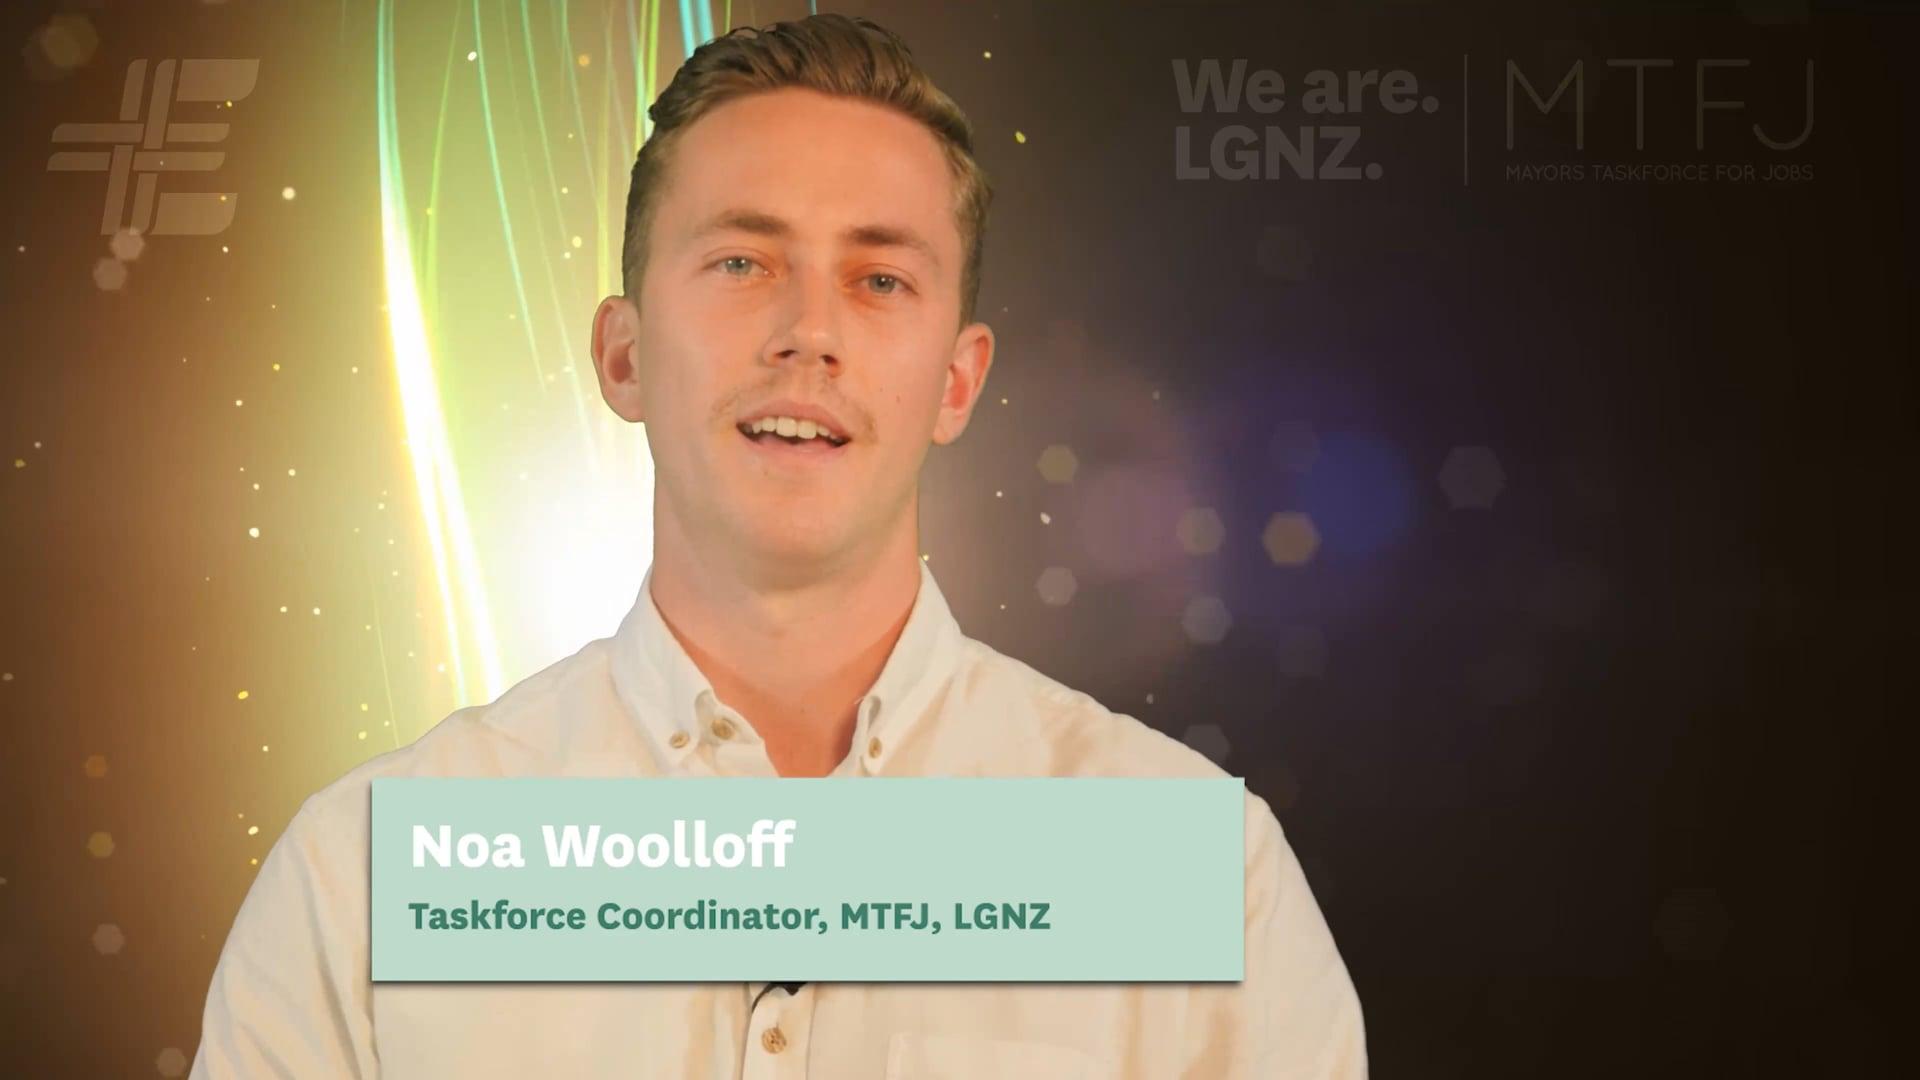 Noa Woolloff, Taskforce Coordinator, MTFJ